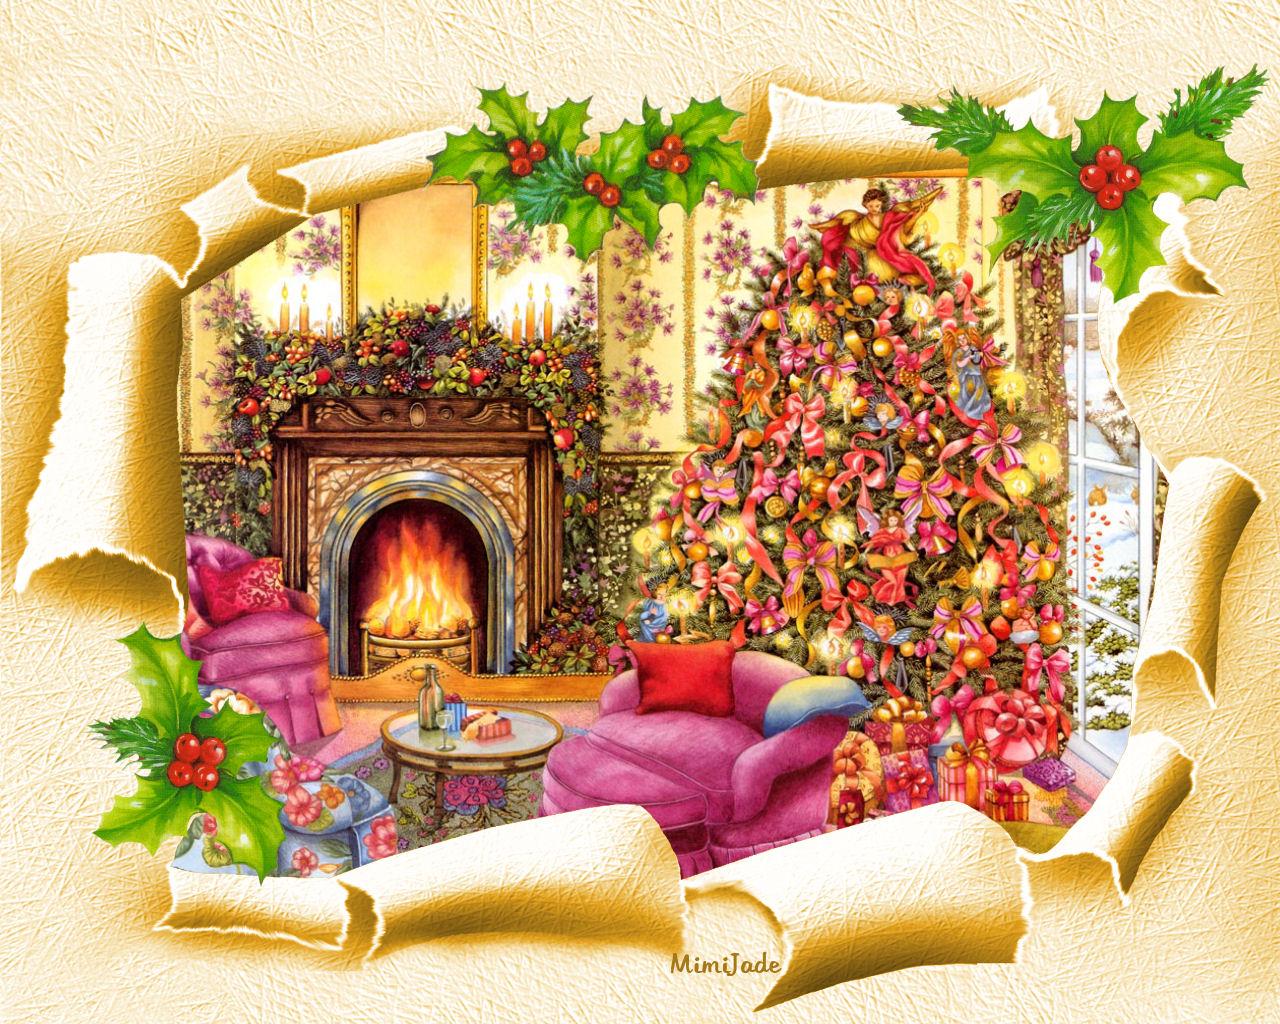 Obrazki świąteczne Magia świąt Bożego Narodzenia życzenia